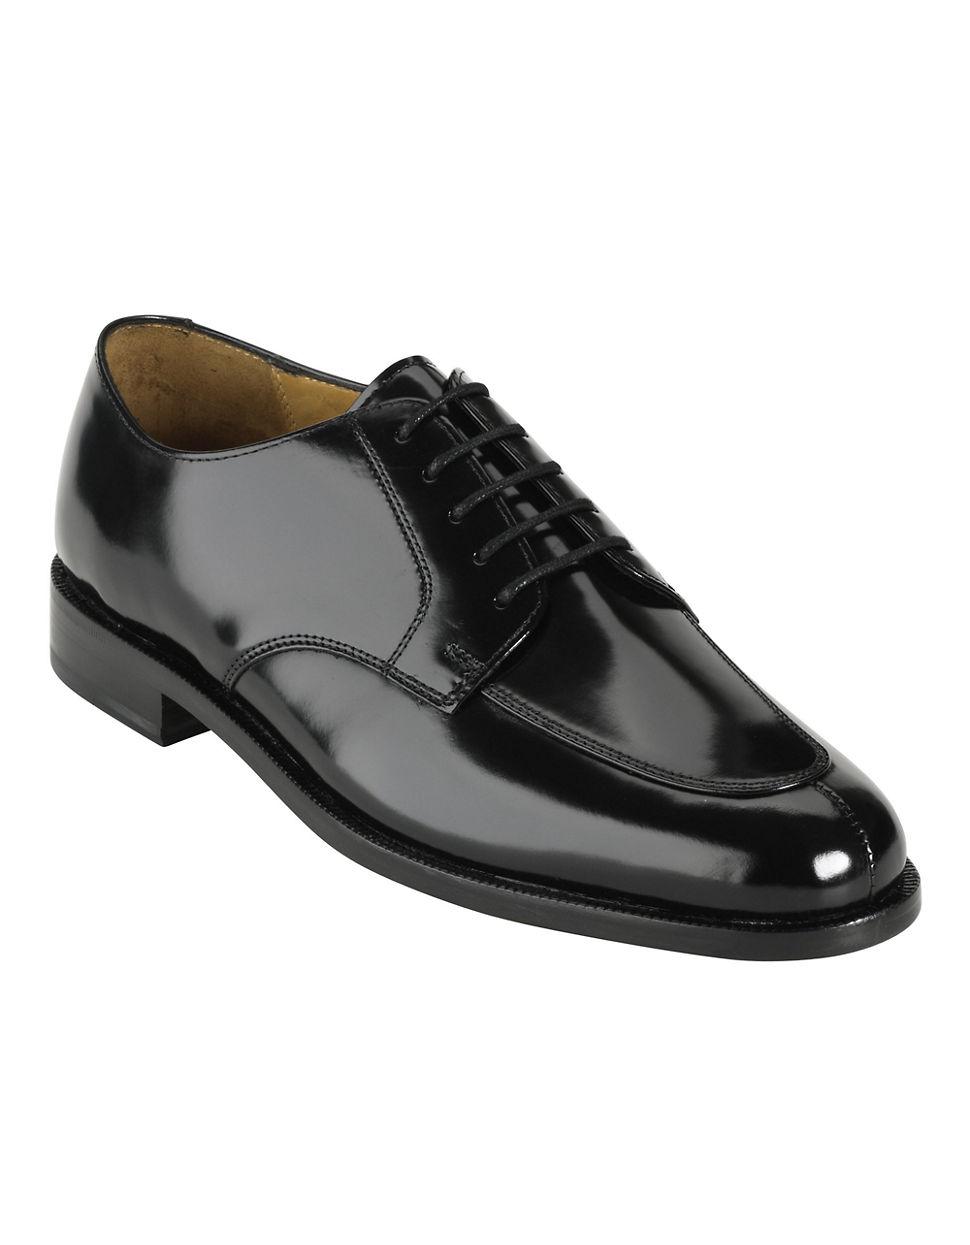 Calhoun Dress Shoes